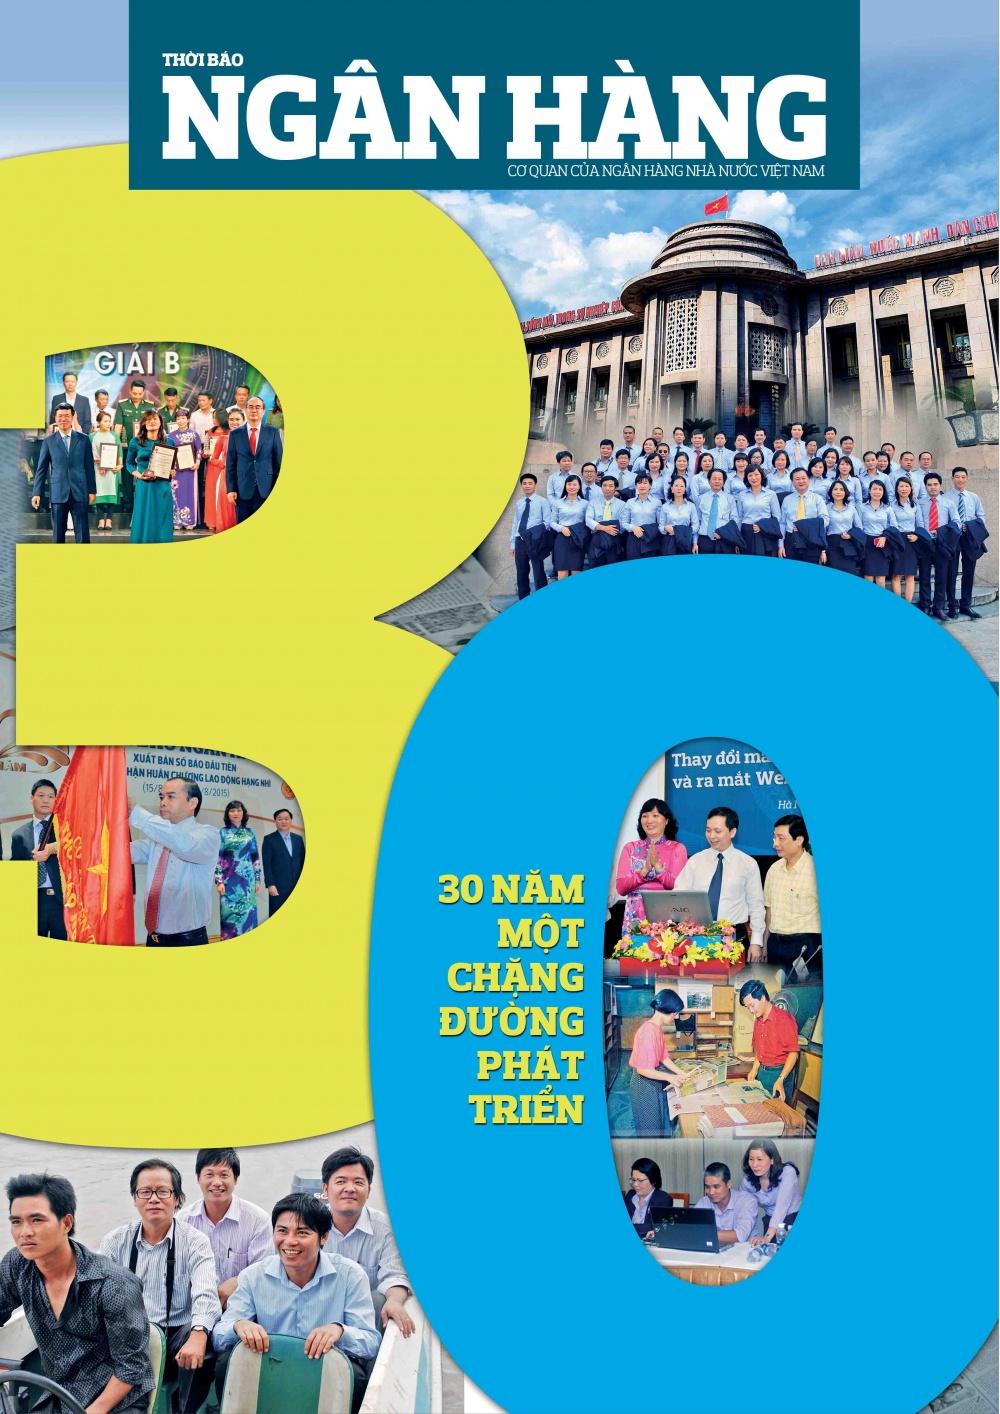 Số đặc biệt kỉ niệm 30 năm ngày Thời báo Ngân hàng xuất bản số báo đầu tiên